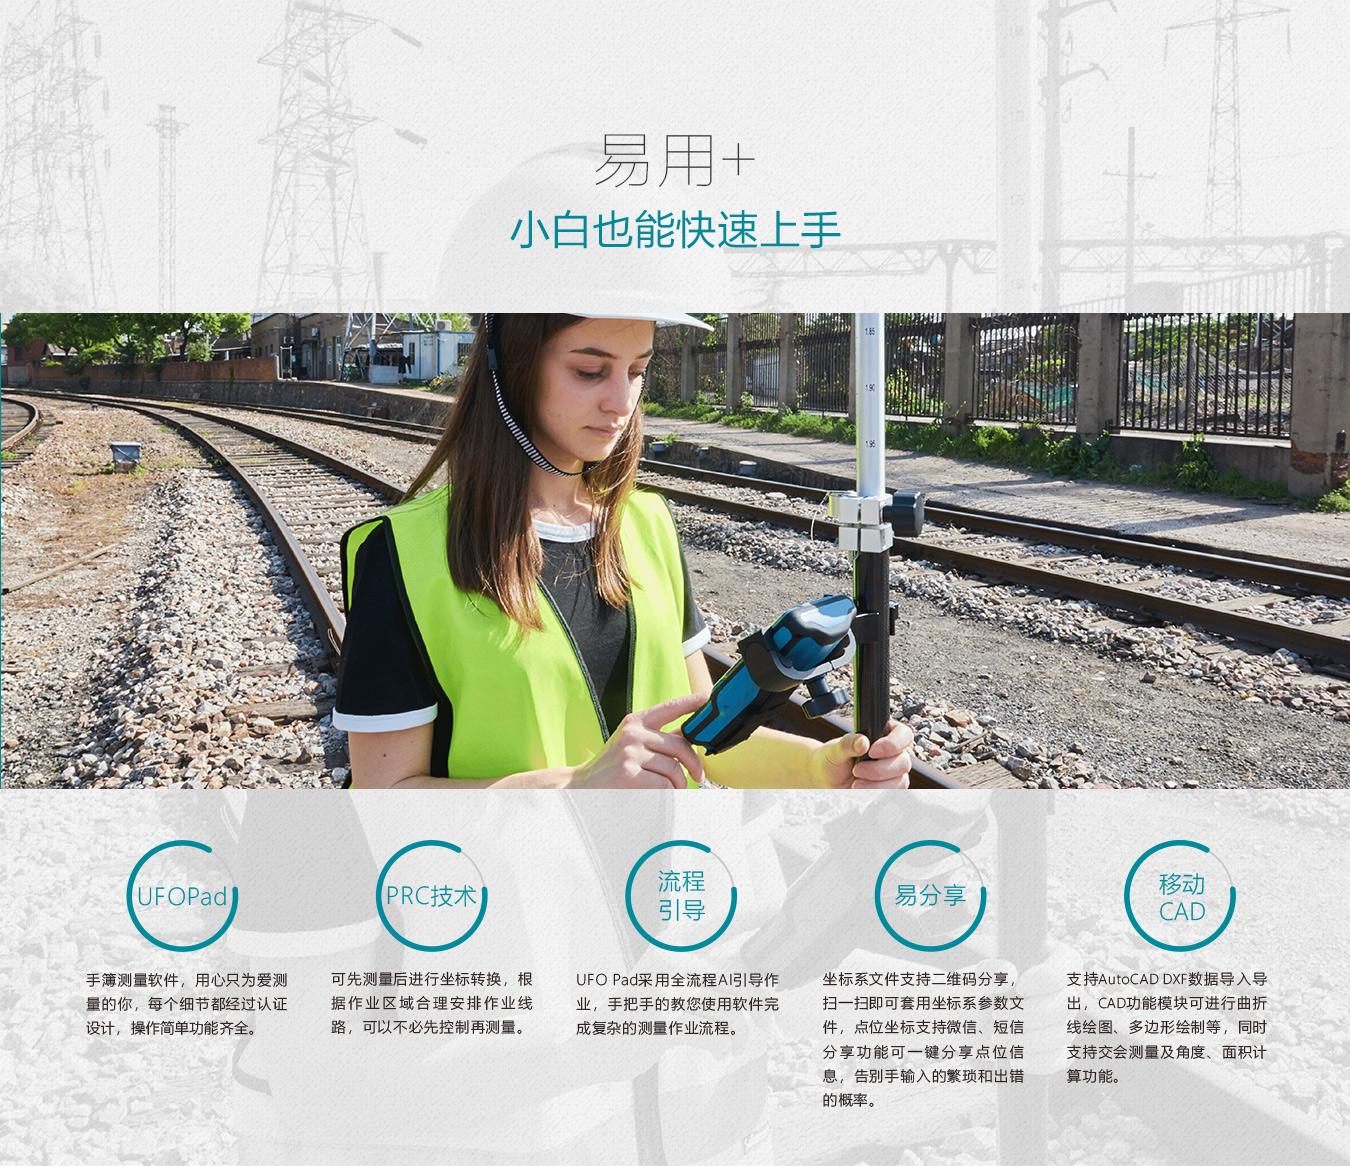 天湘和,一体化时空大数据与云平台建设开创者